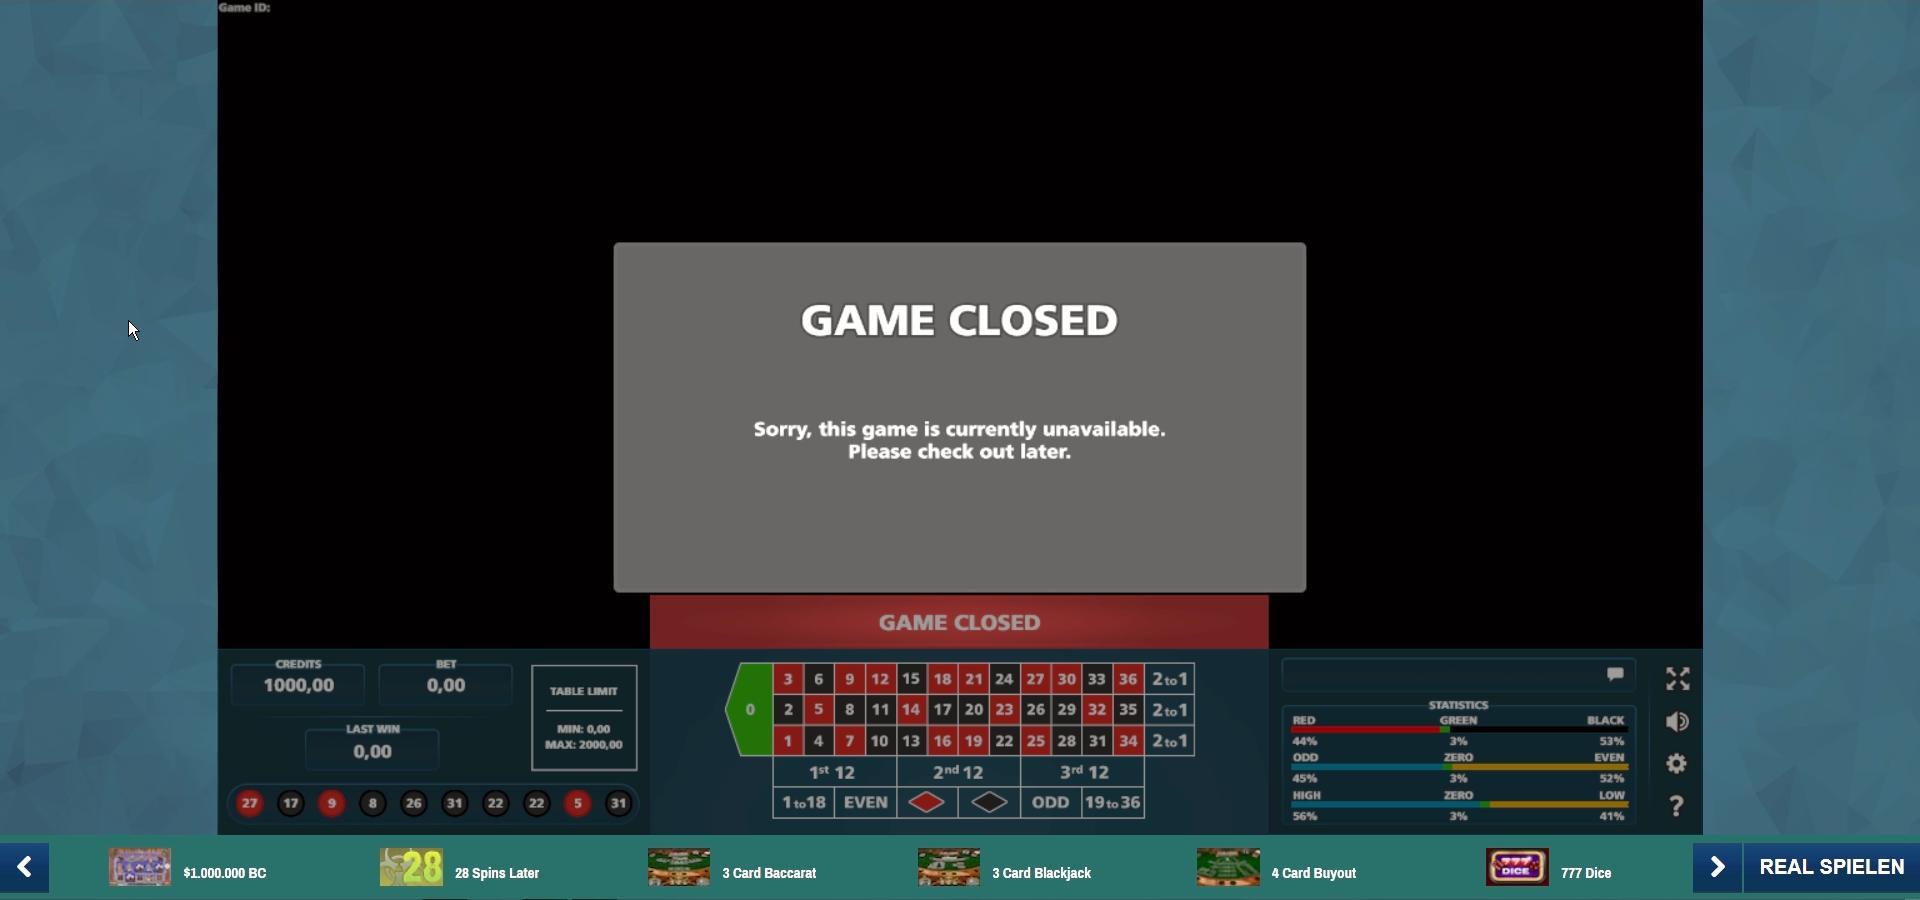 Technische Probleme im Online-Casino Portomaso ? - Online-Casinos ...